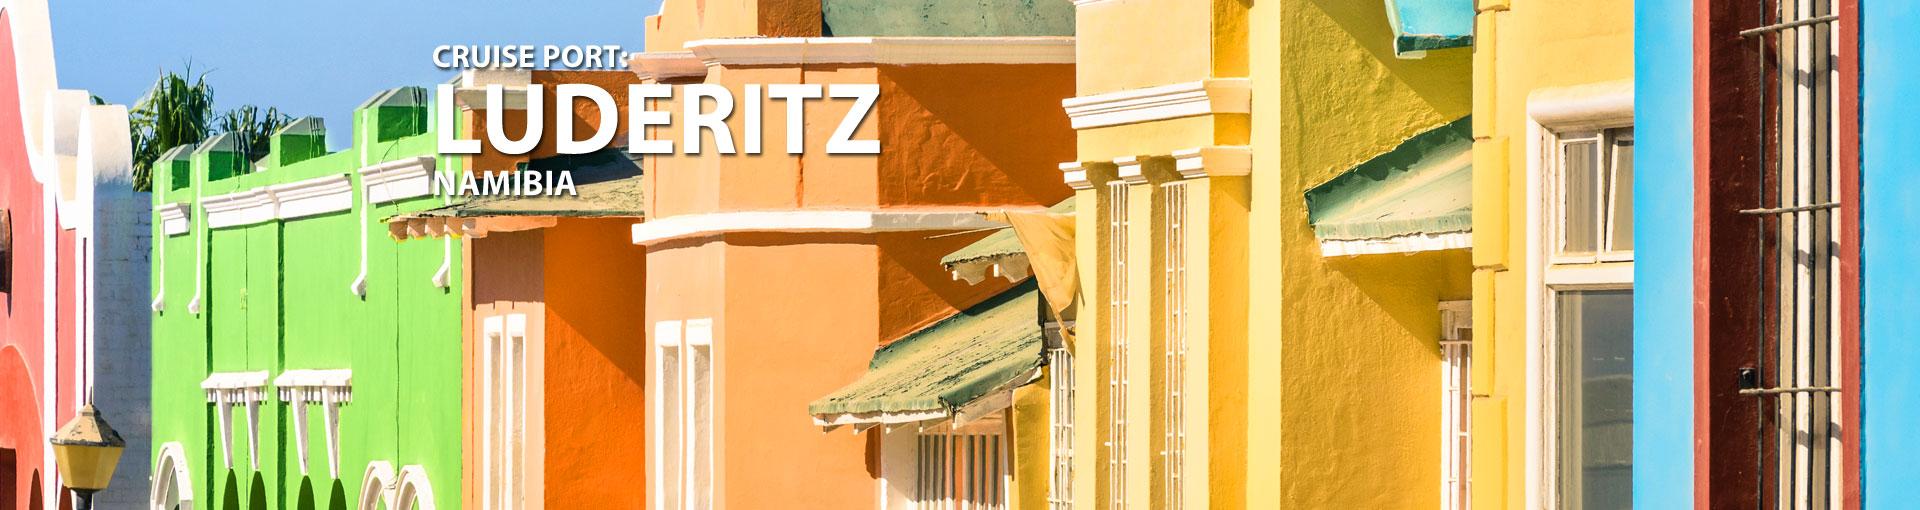 Cruises to Luderitz, Namibia